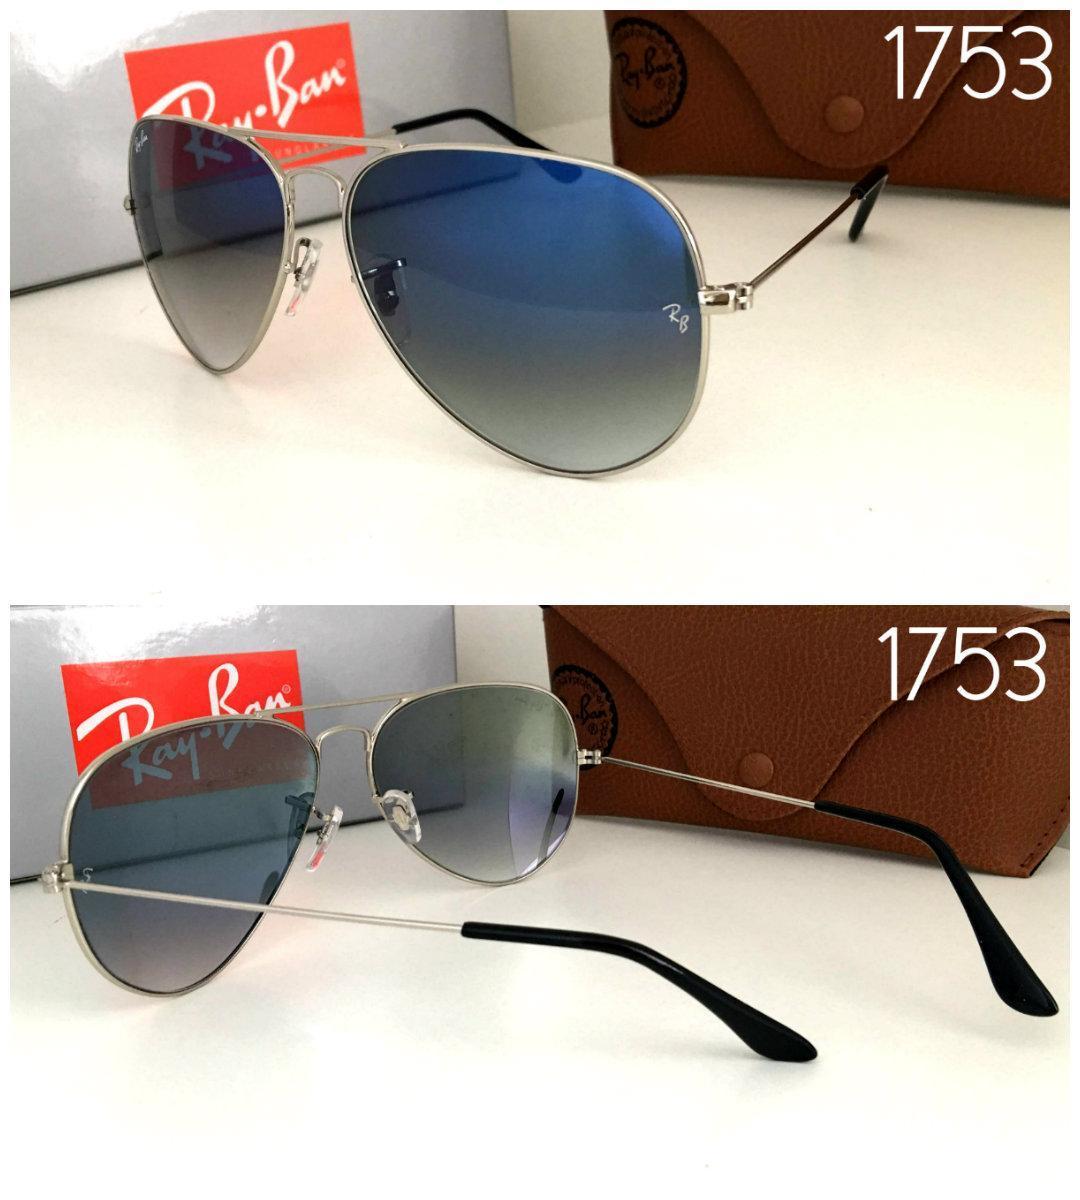 Женские солнцезащитные очки  Ray Ban реплика серо - голубой переход в оправе серебре линза стекло